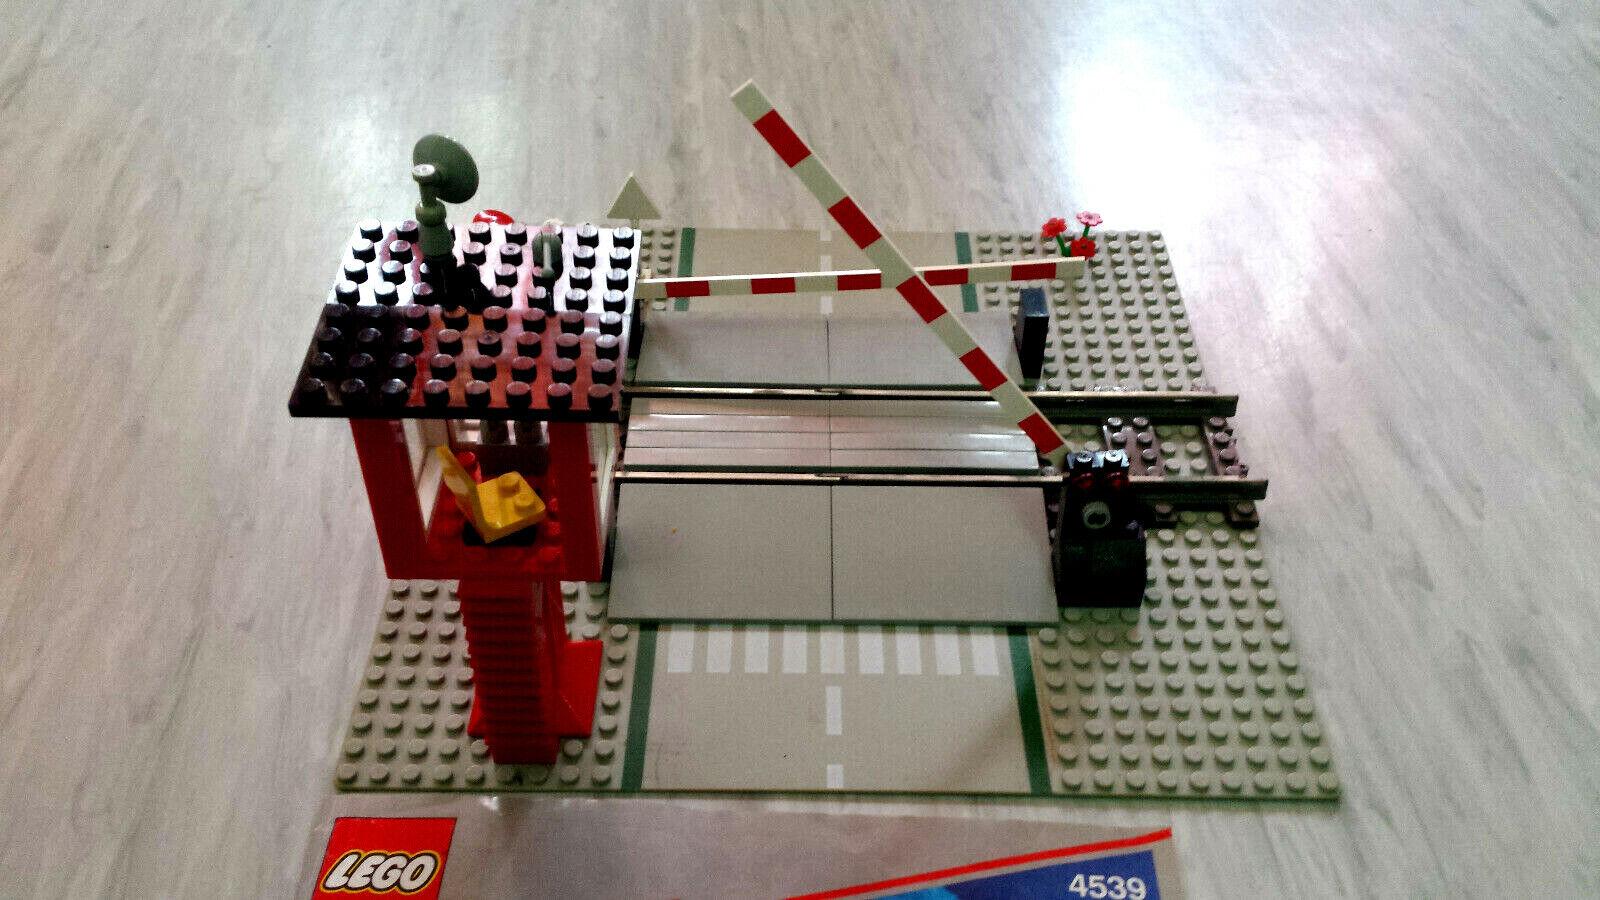 Lego 4539 - Bahnübergang 9V komplett komplett komplett mit Wärter- Haus Schranken Bauplan f7928a